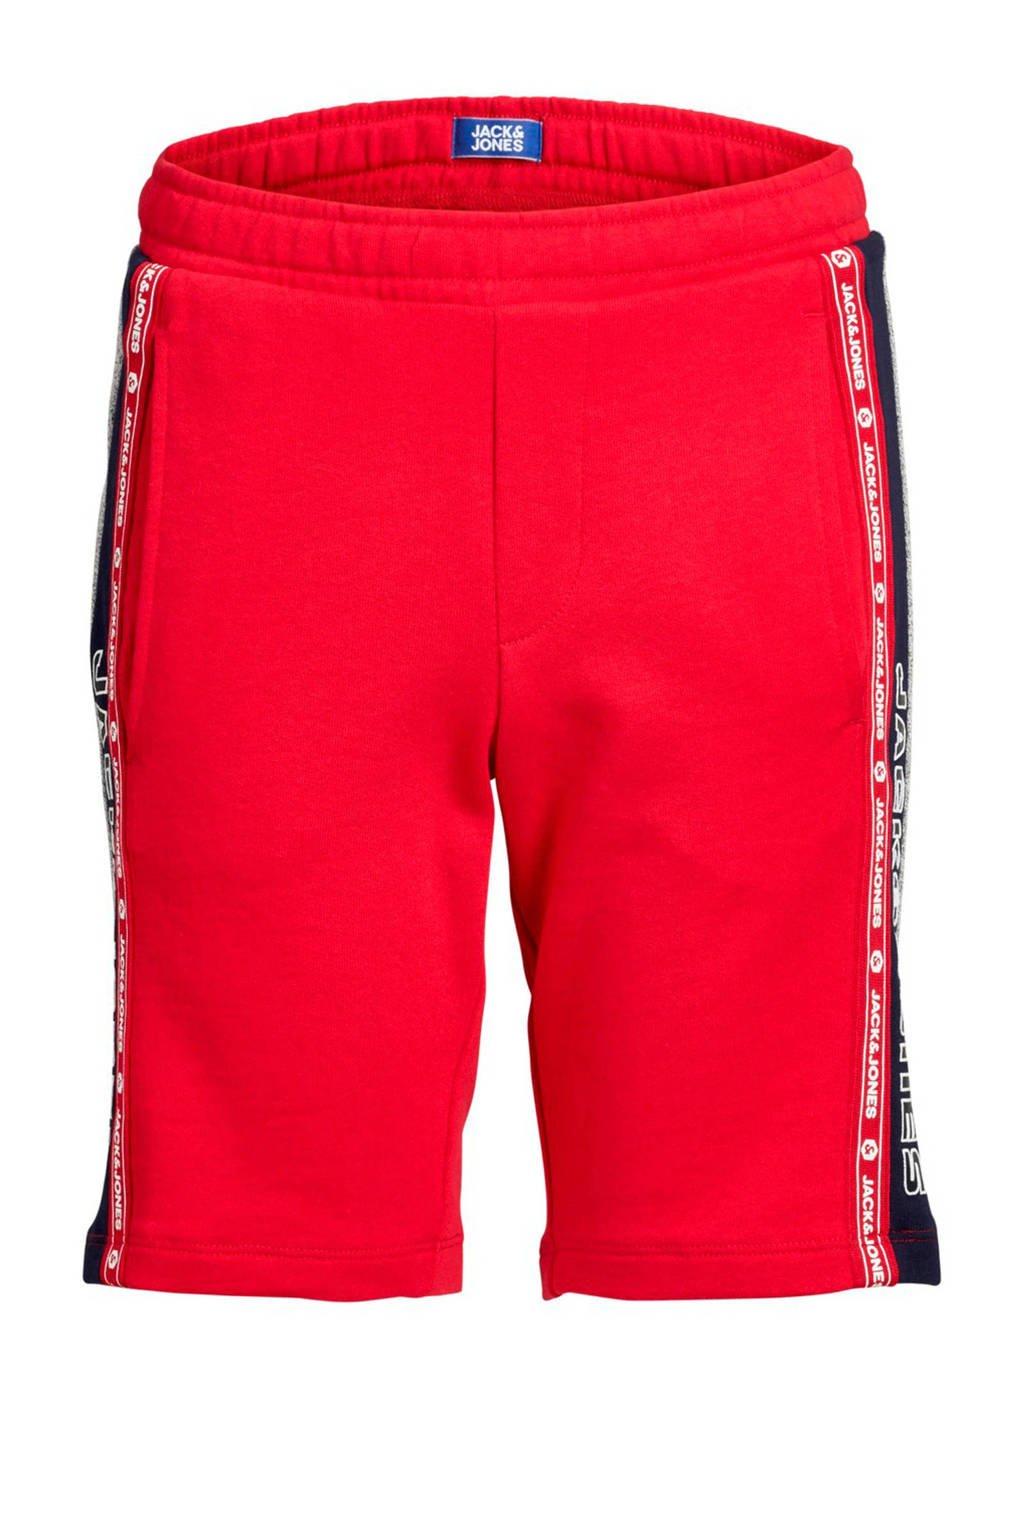 Jack & Jones Junior sweatshorts Maxit rood, Rood